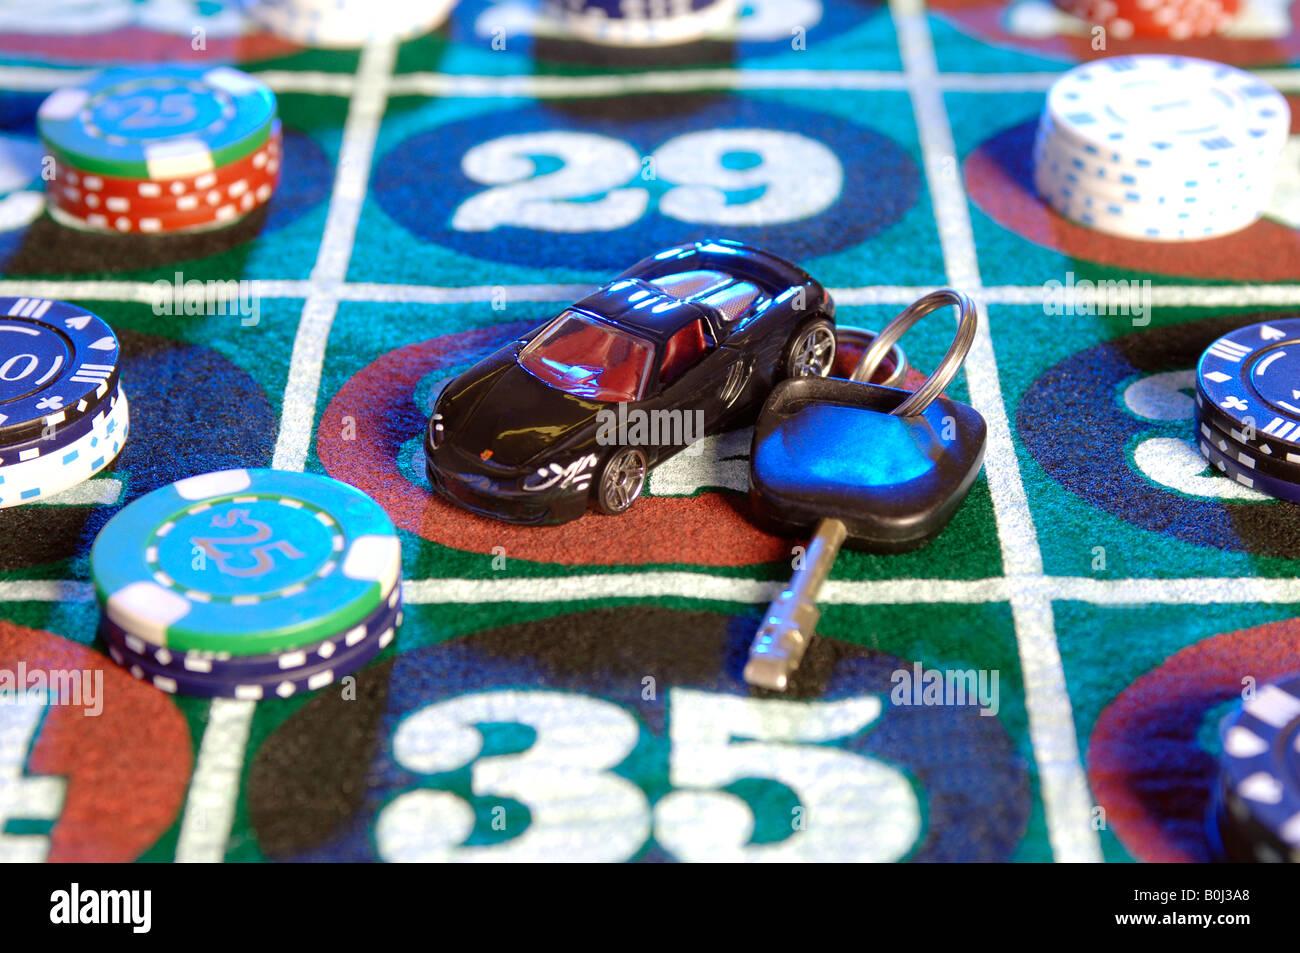 Roulette keys bravo poker watch